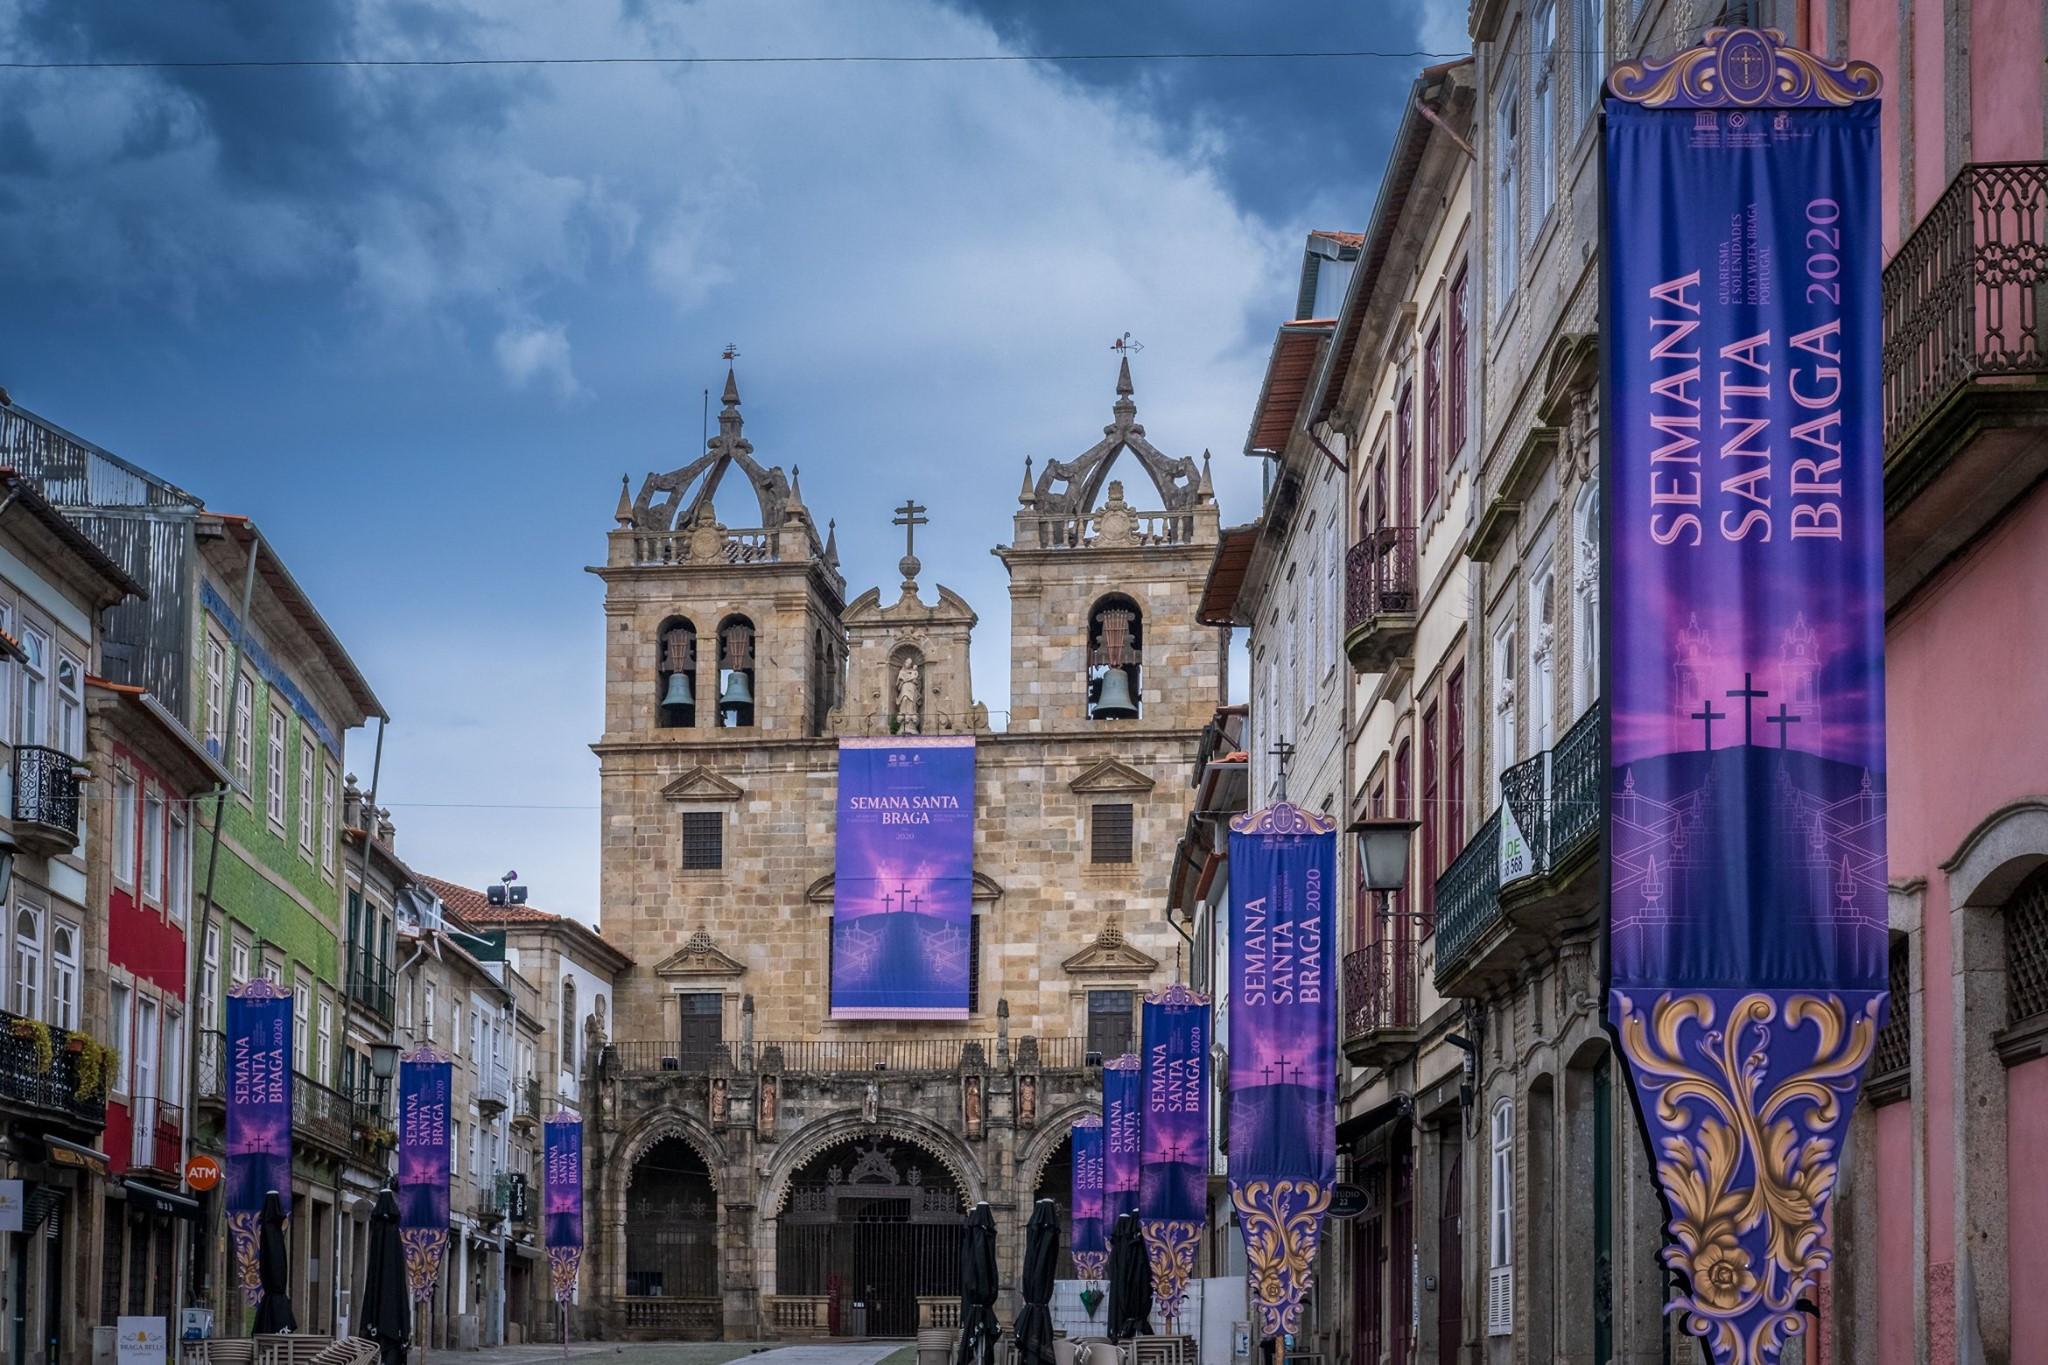 Programação da Semana Santa de Braga transfere-se para o digital